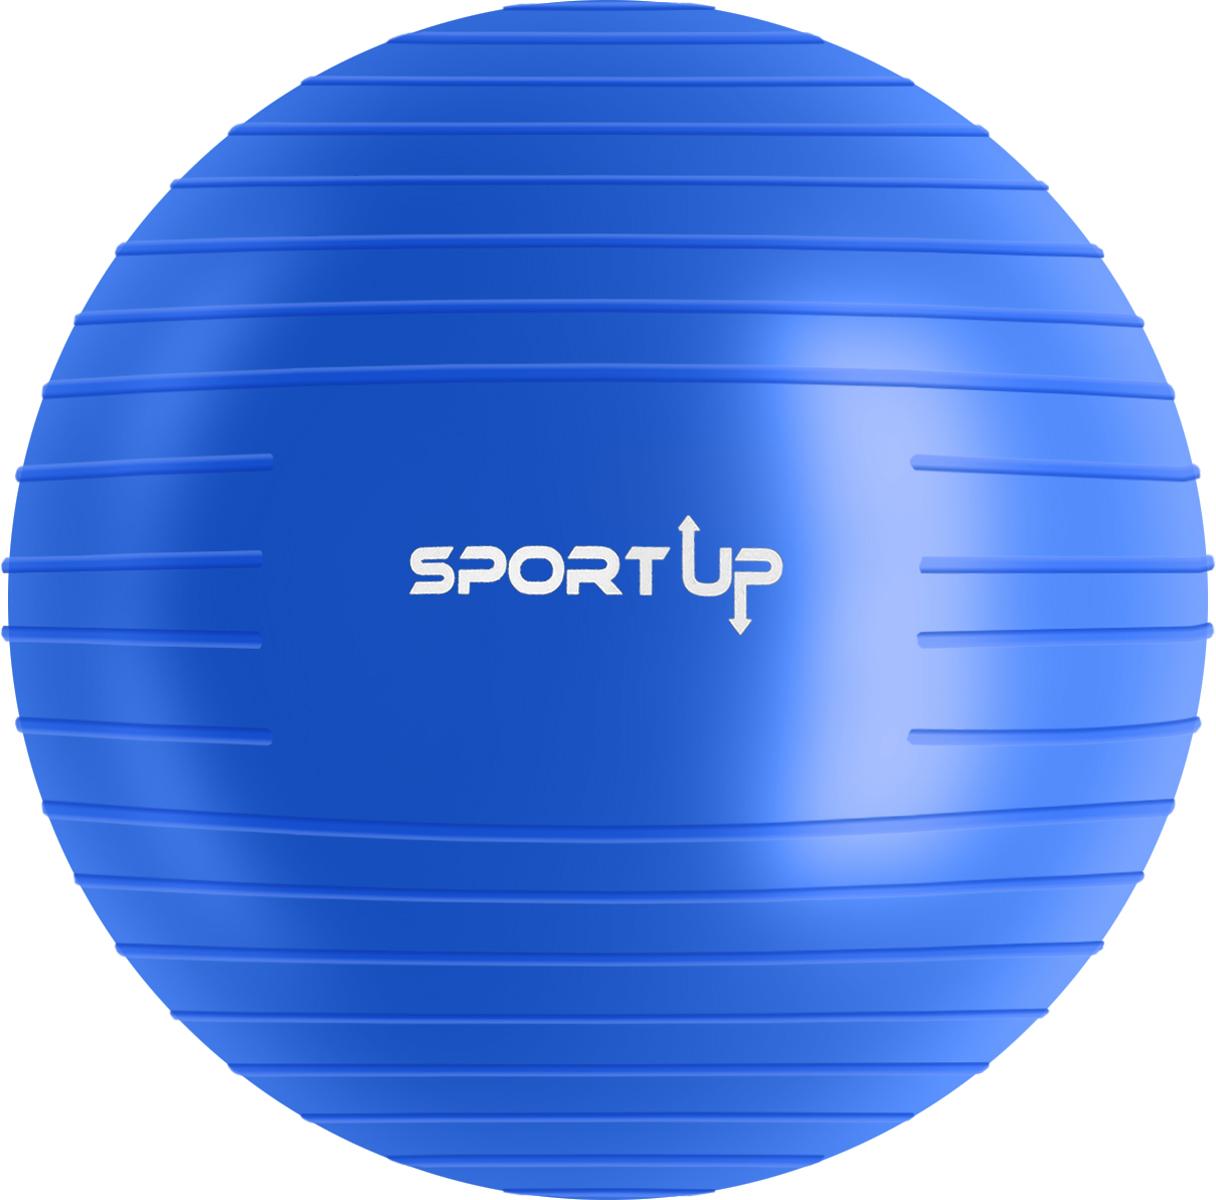 Фитбол Sport UP, цвет: голубой, диаметр 65 смIR97402/65Фитбол Sport UP, изготовленный из полимерных материалов, идеально подходит для упражнений на растяжку, укрепляющих и тонизирующих упражнений.Не важно новичок вы или опытный спортсмен, фитбол позволяет повысить эффективность ваших тренировок. Насос в комплекте.Максимальный вес пользователя: 100 кг. Максимальная статическая нагрузка: 250 кг.Йога: все, что нужно начинающим и опытным практикам. Статья OZON Гид